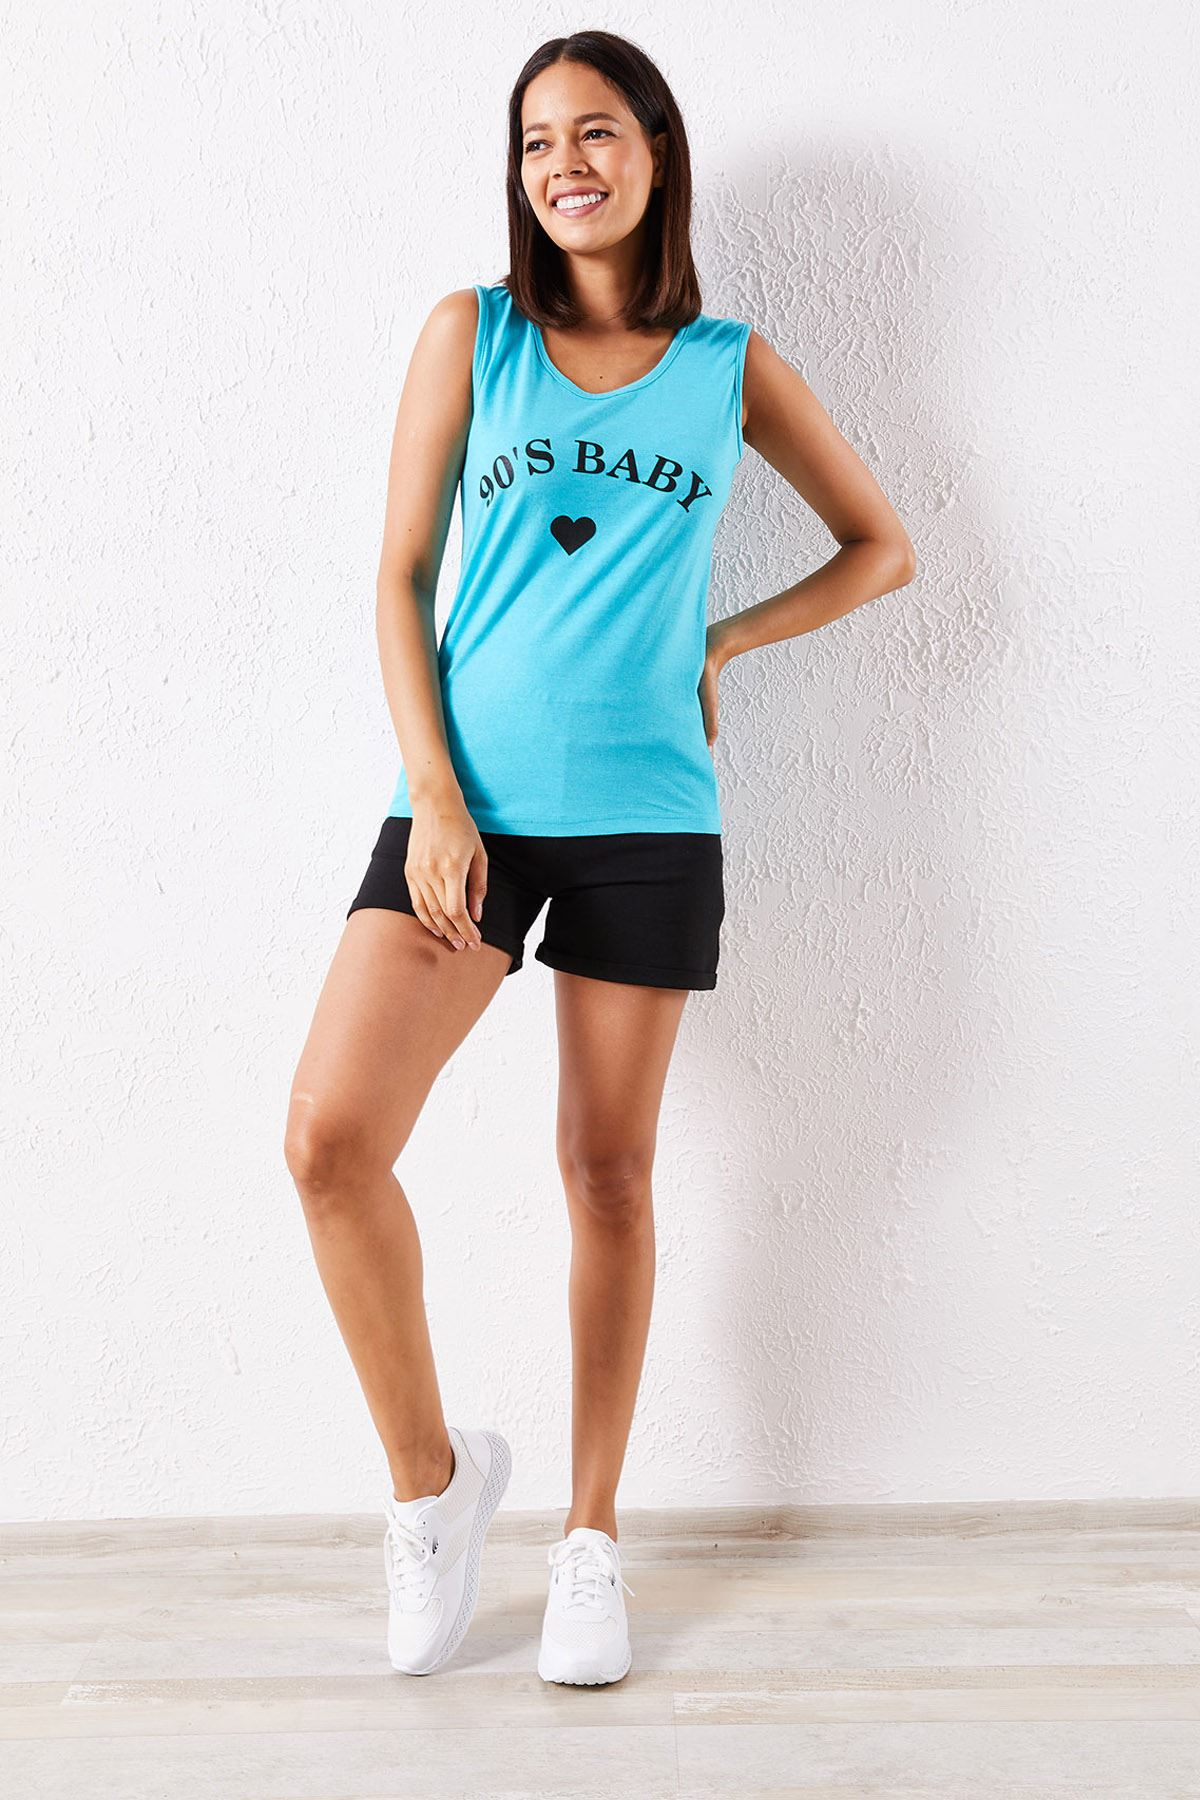 Kadın Atlet Kalp Baskılı Mavi Şortlu Takım